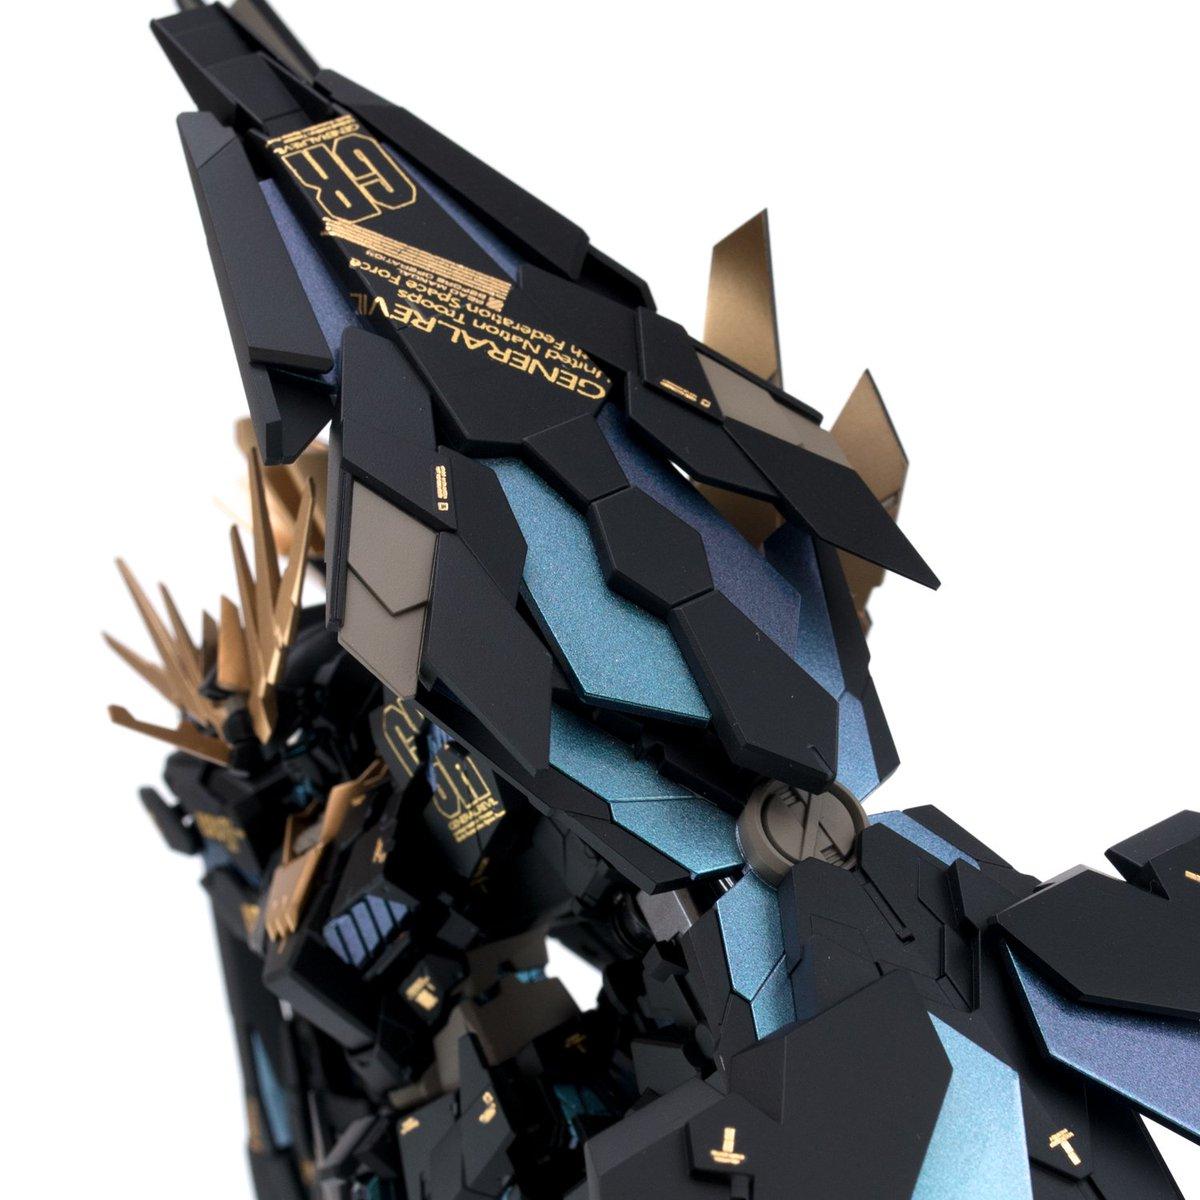 RG ユニコーン改造 『フルアームド・バンシィ・ノルン』完成しました。 RGとHGのミキシング作品です。明日のナゴモ/nagomoで展示予定ですっ! 持つところが殆ど無いw   #ナゴモ6